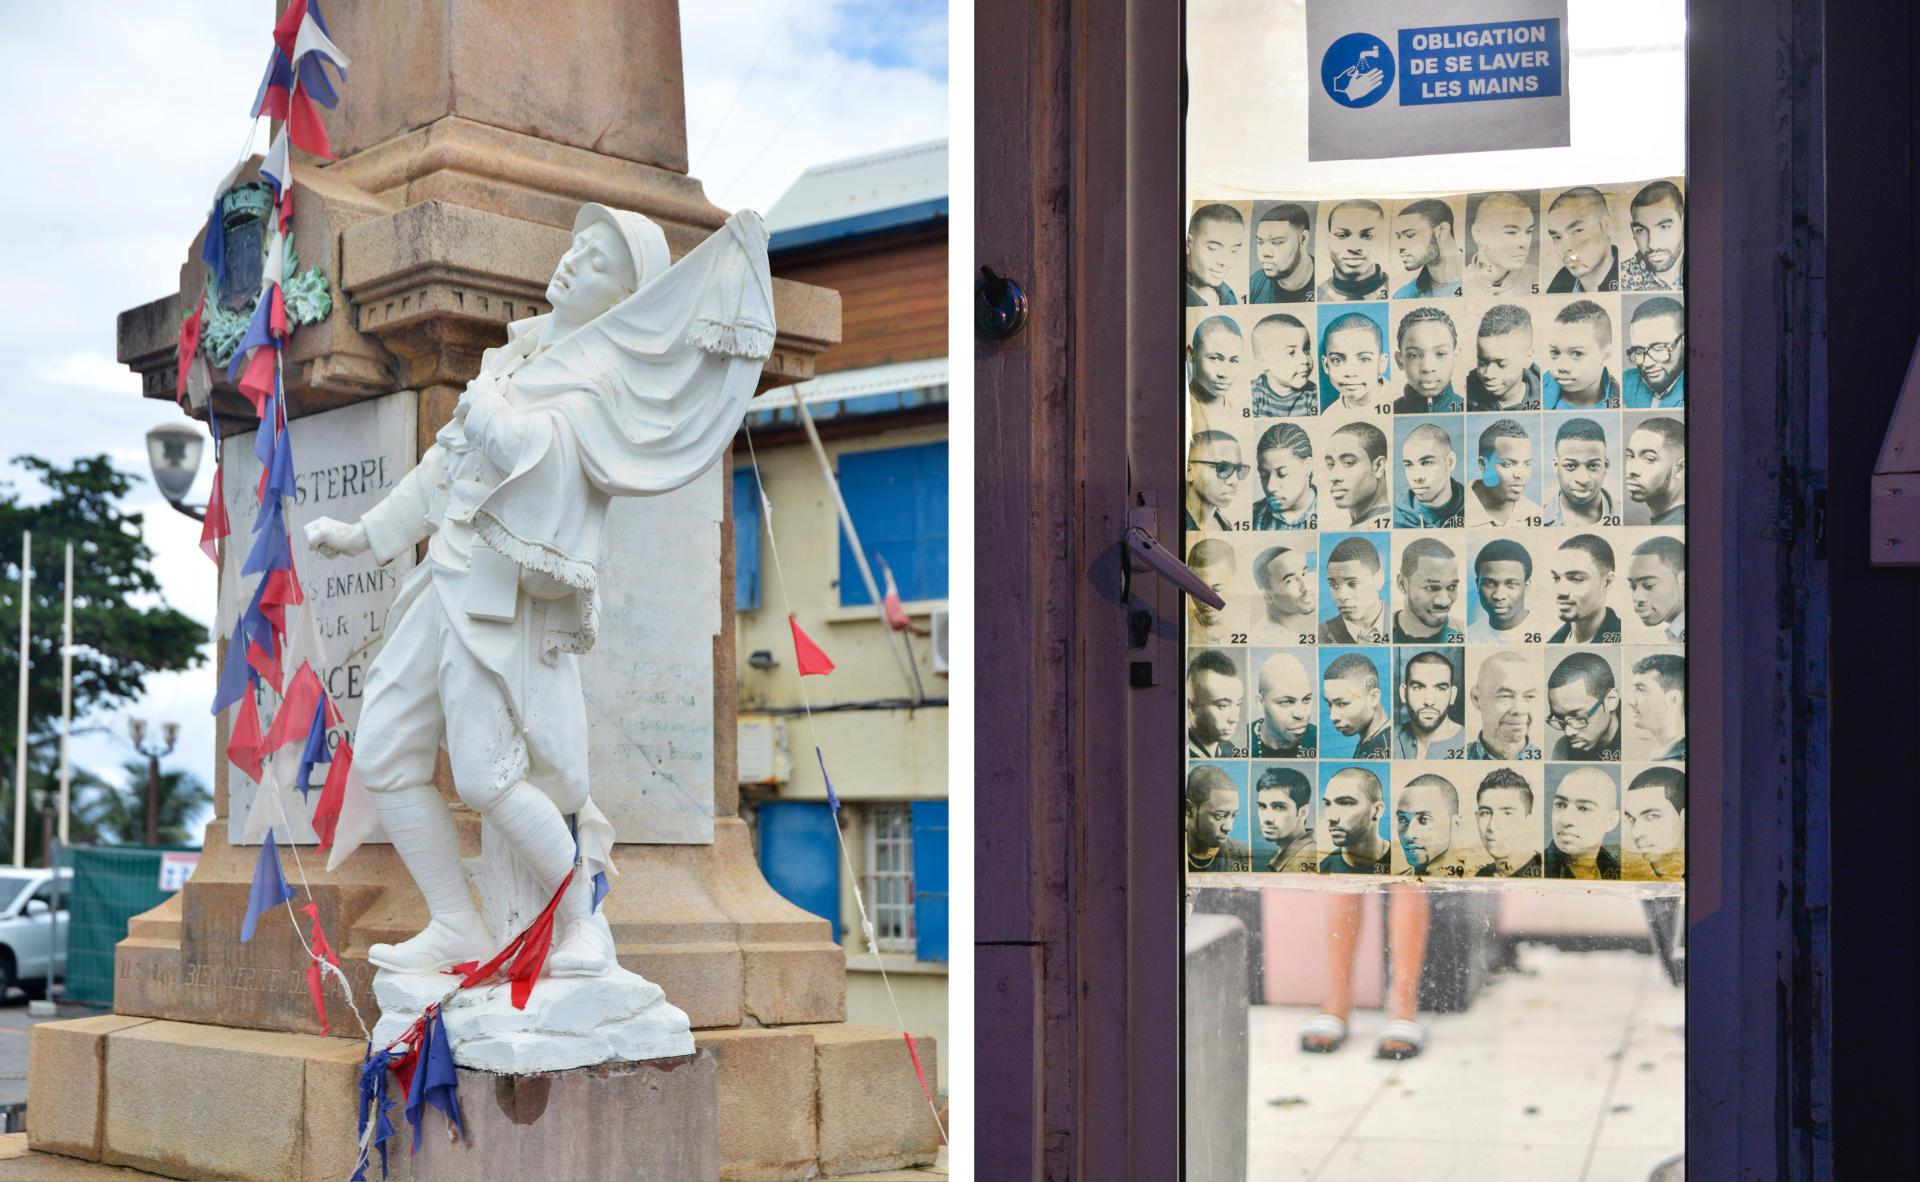 A droite,un salon de coiffure dans le centre de Pointe-à-Pitre. A gauche, un monument aux morts devant la mairie de Capesterre-Belle-Eau.